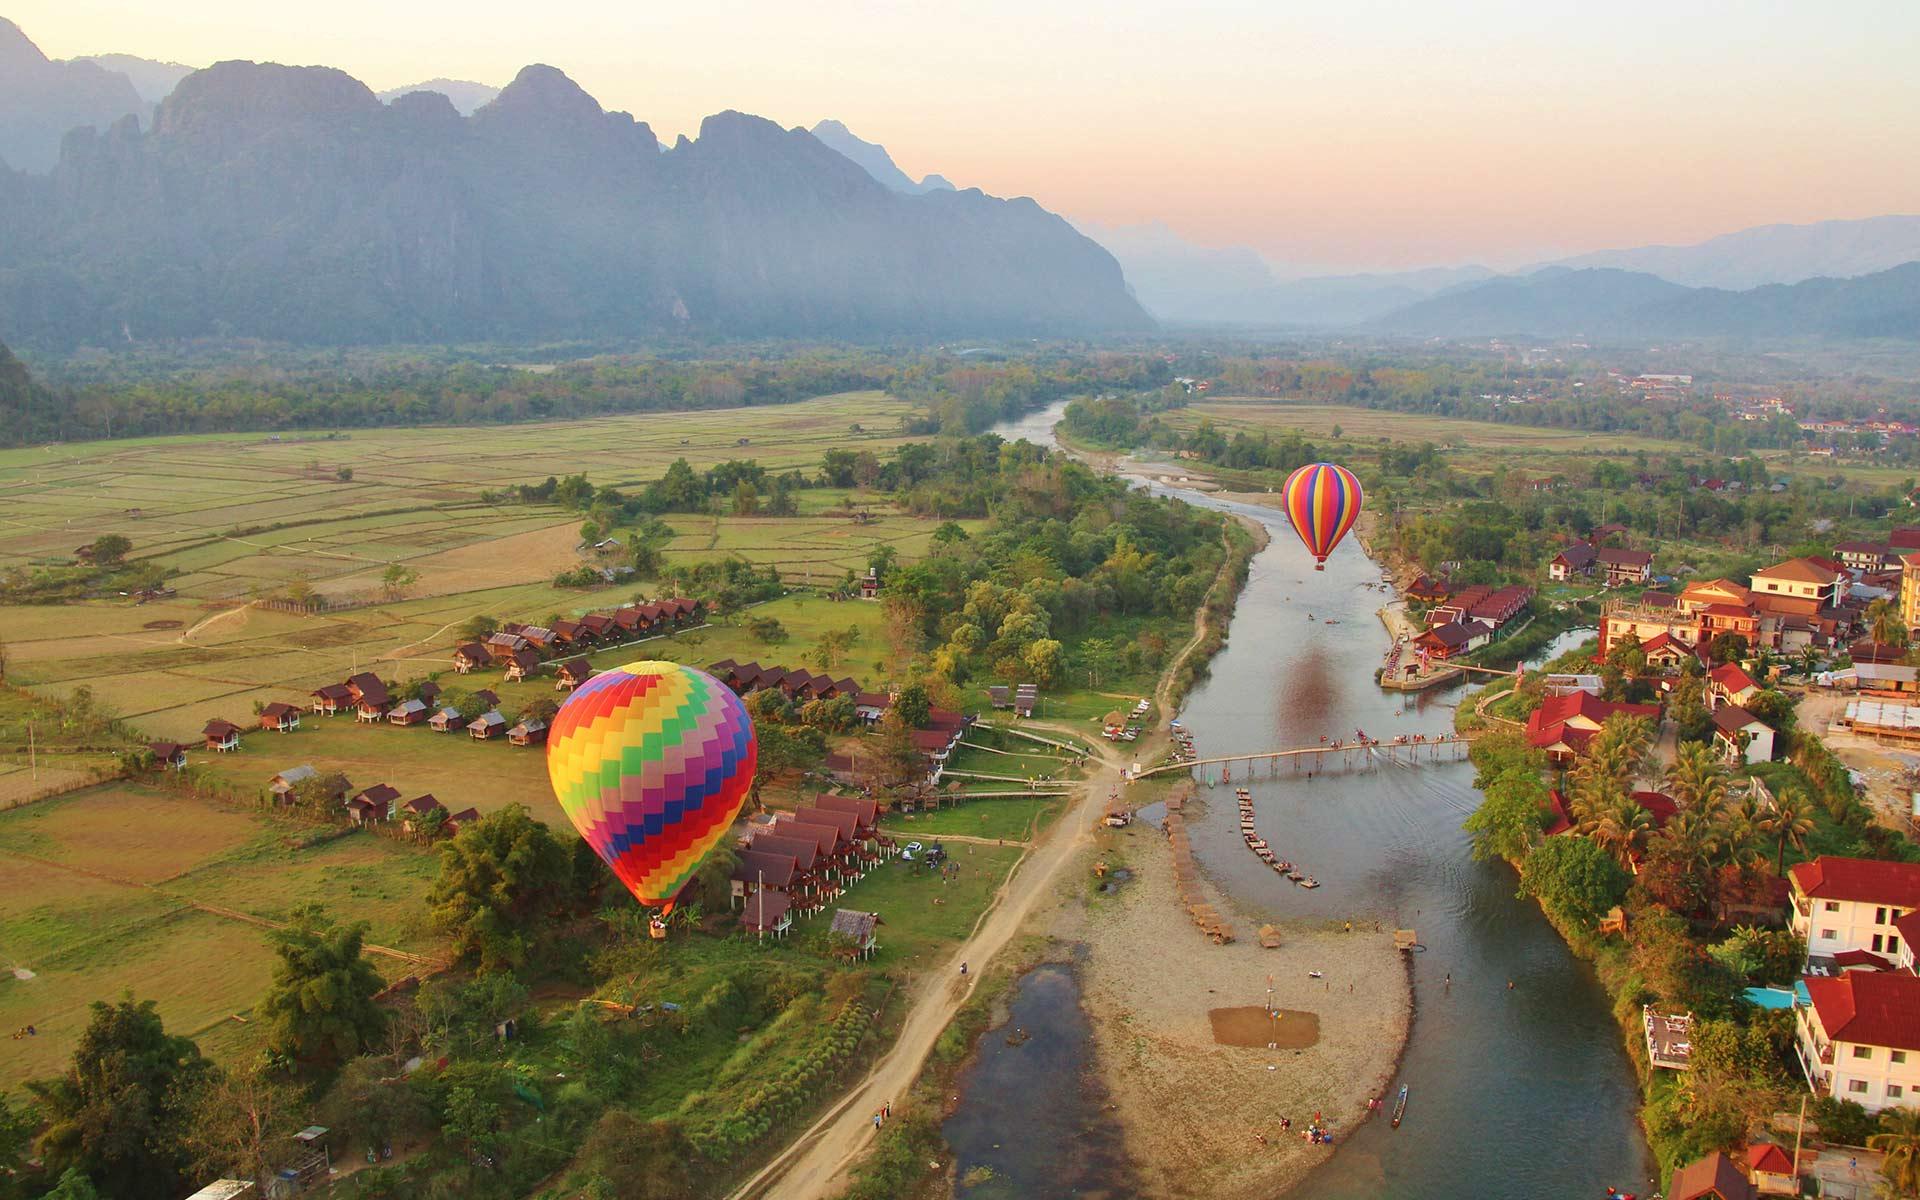 Balloon Over VangVieng